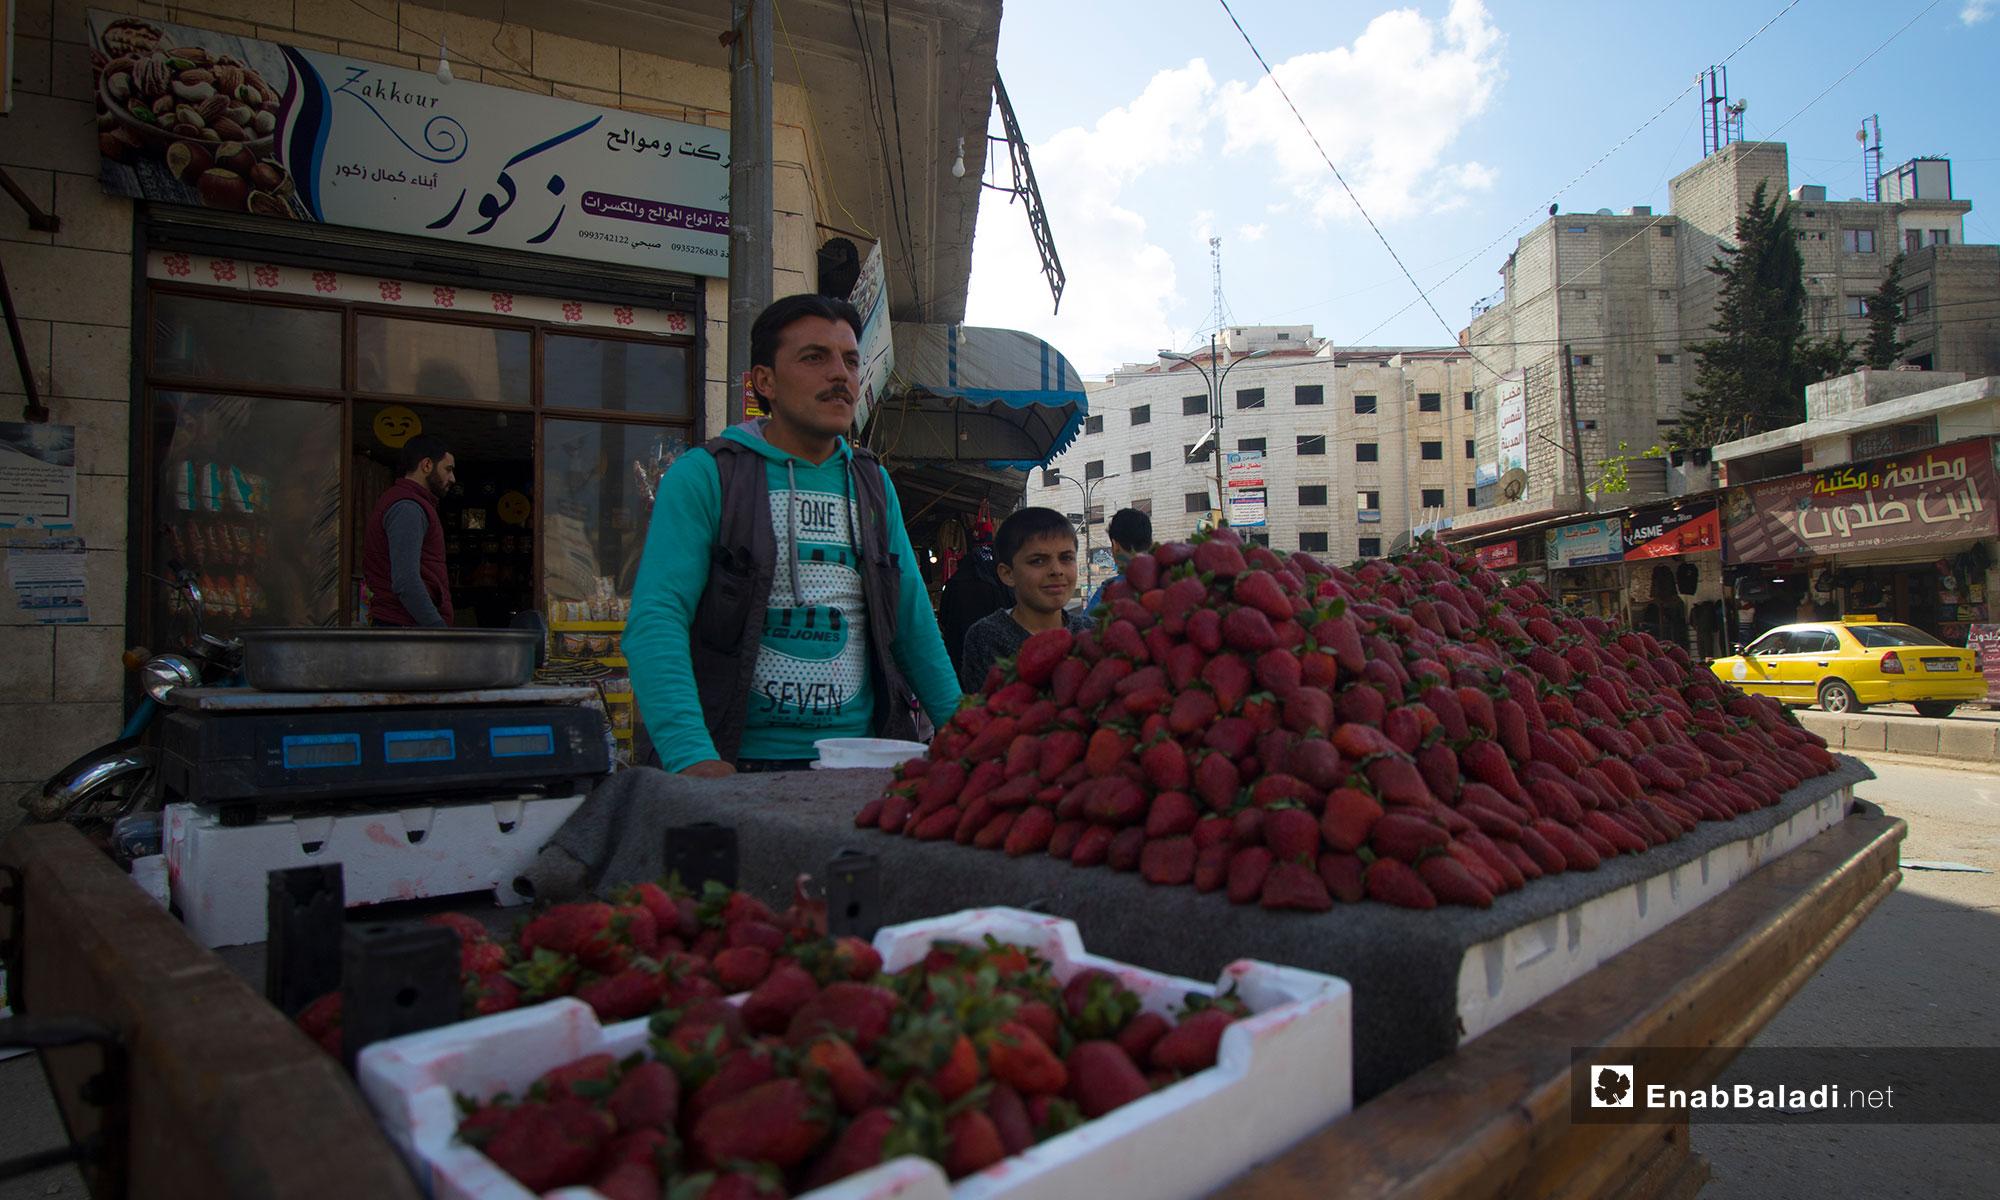 بيع ثمار الفريز في مدينة إدلب - 10 من نيسان 2019 (عنب بلدي)